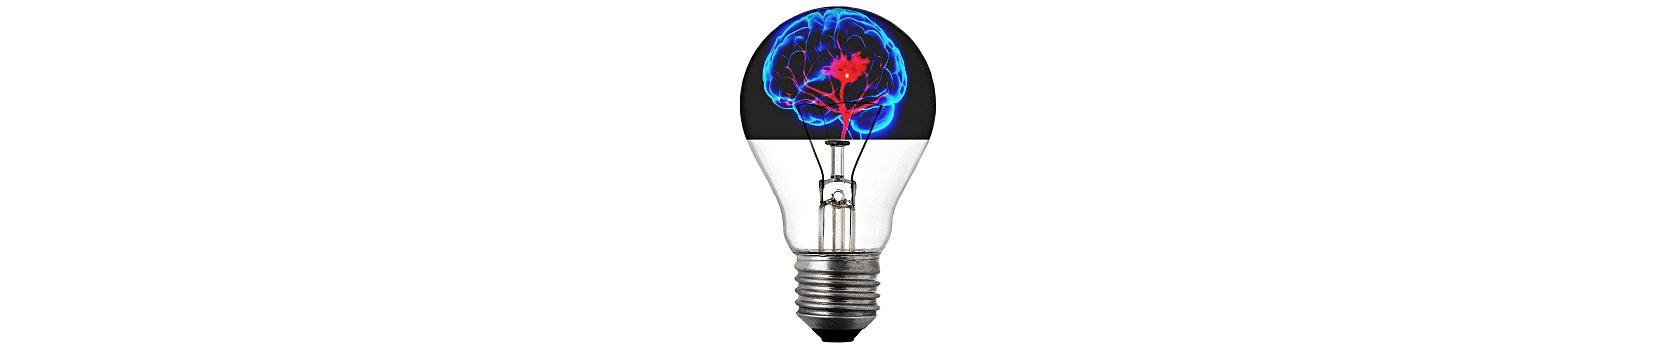 Lightbulb with Brain Banner.jpg